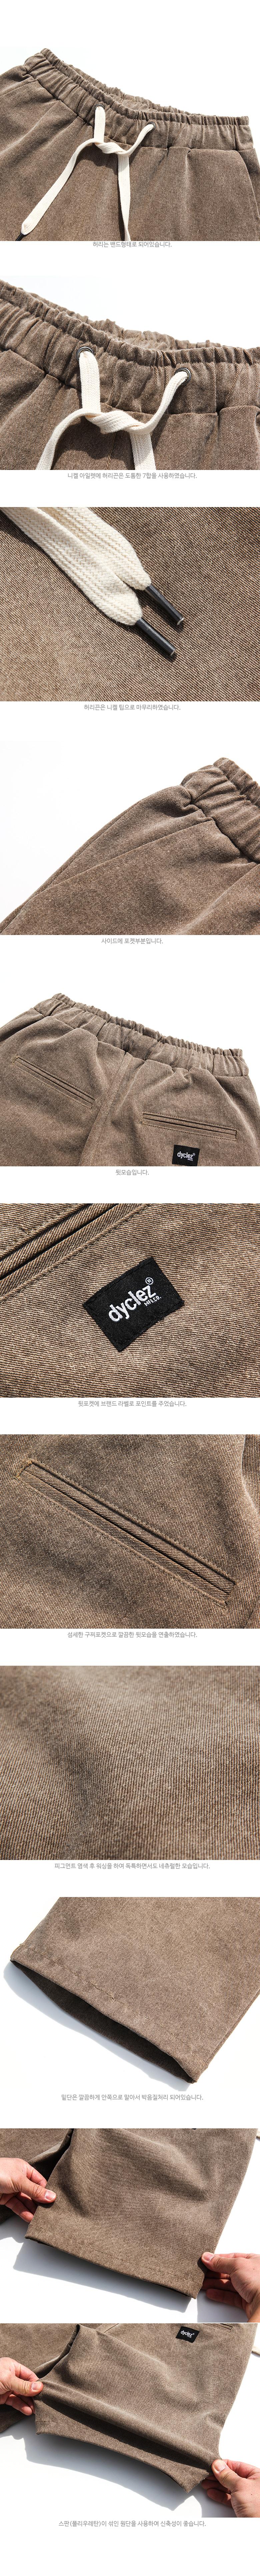 20190319_dy_pigmentshort_detail_brown_02.jpg